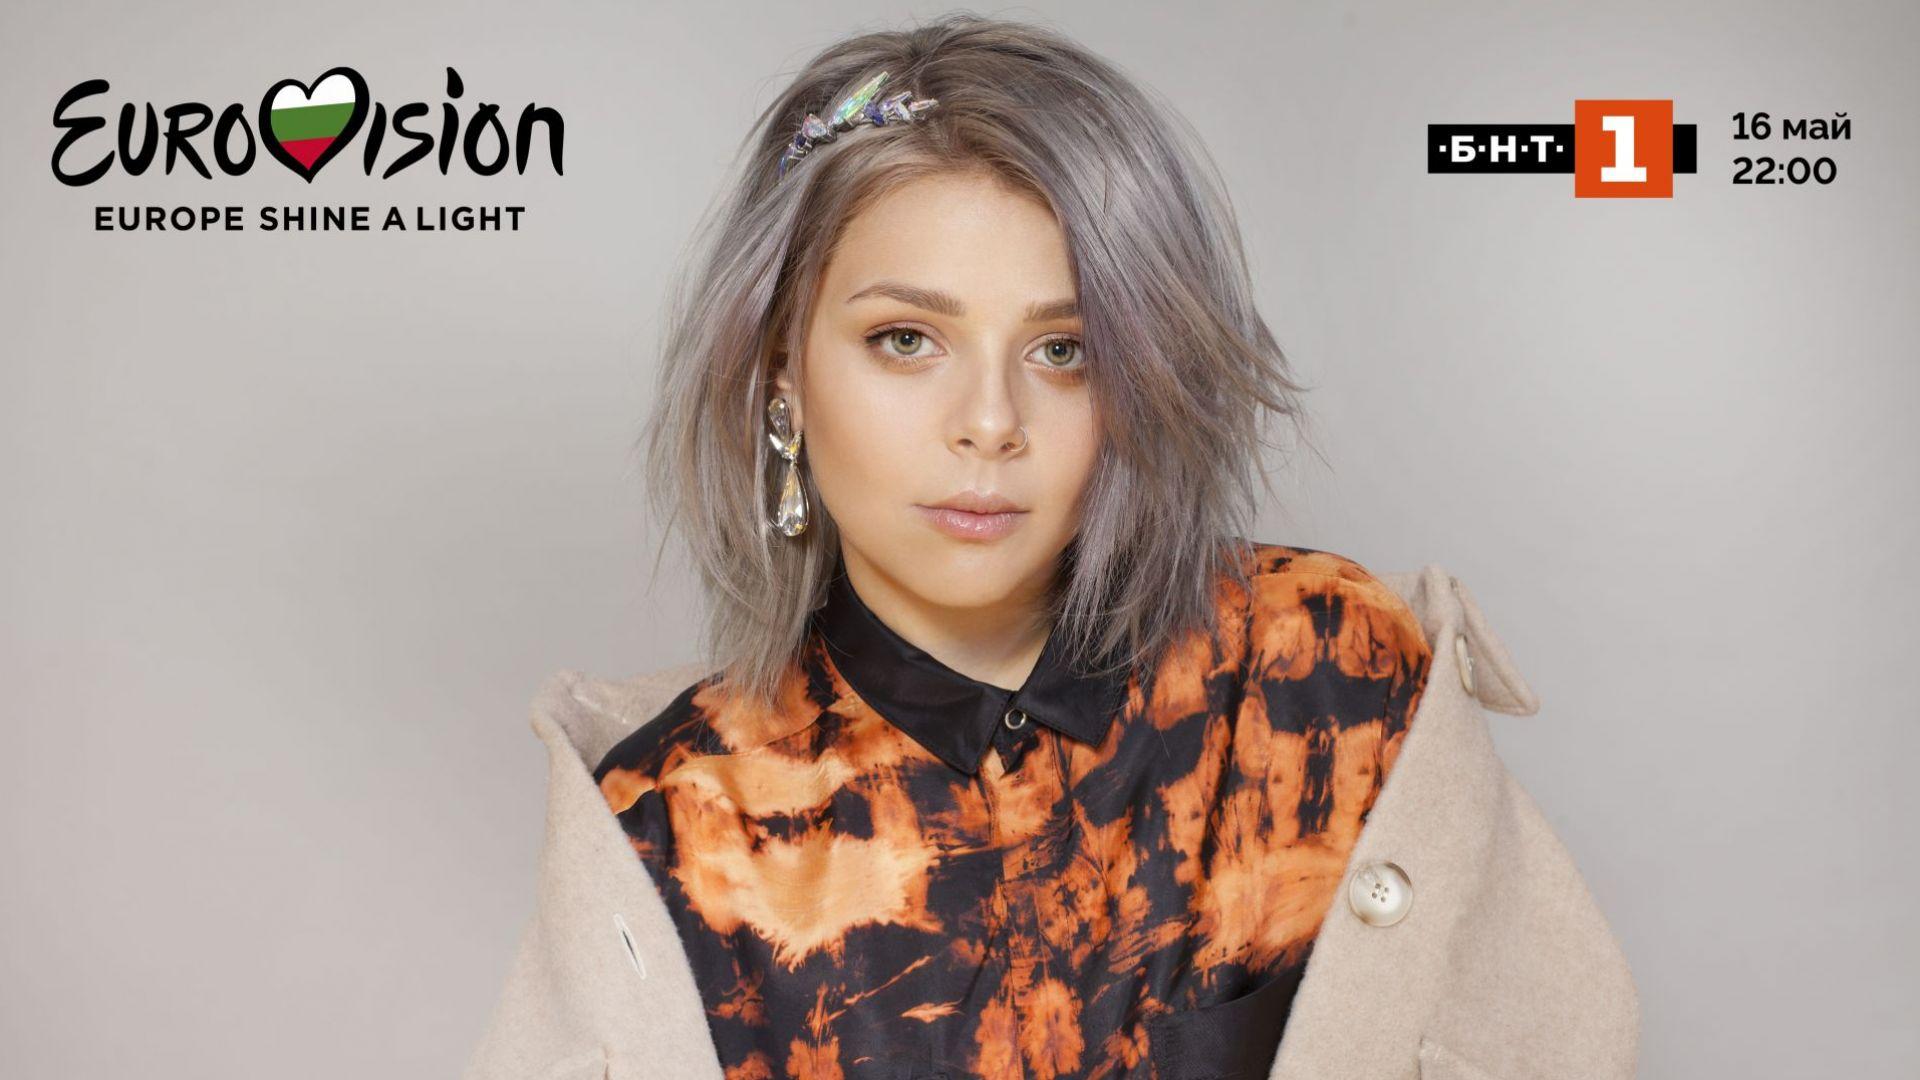 """46 телевизии ще излъчат специалното шоу за Евровизия """"Europe Shine A Light"""" на 16 май"""